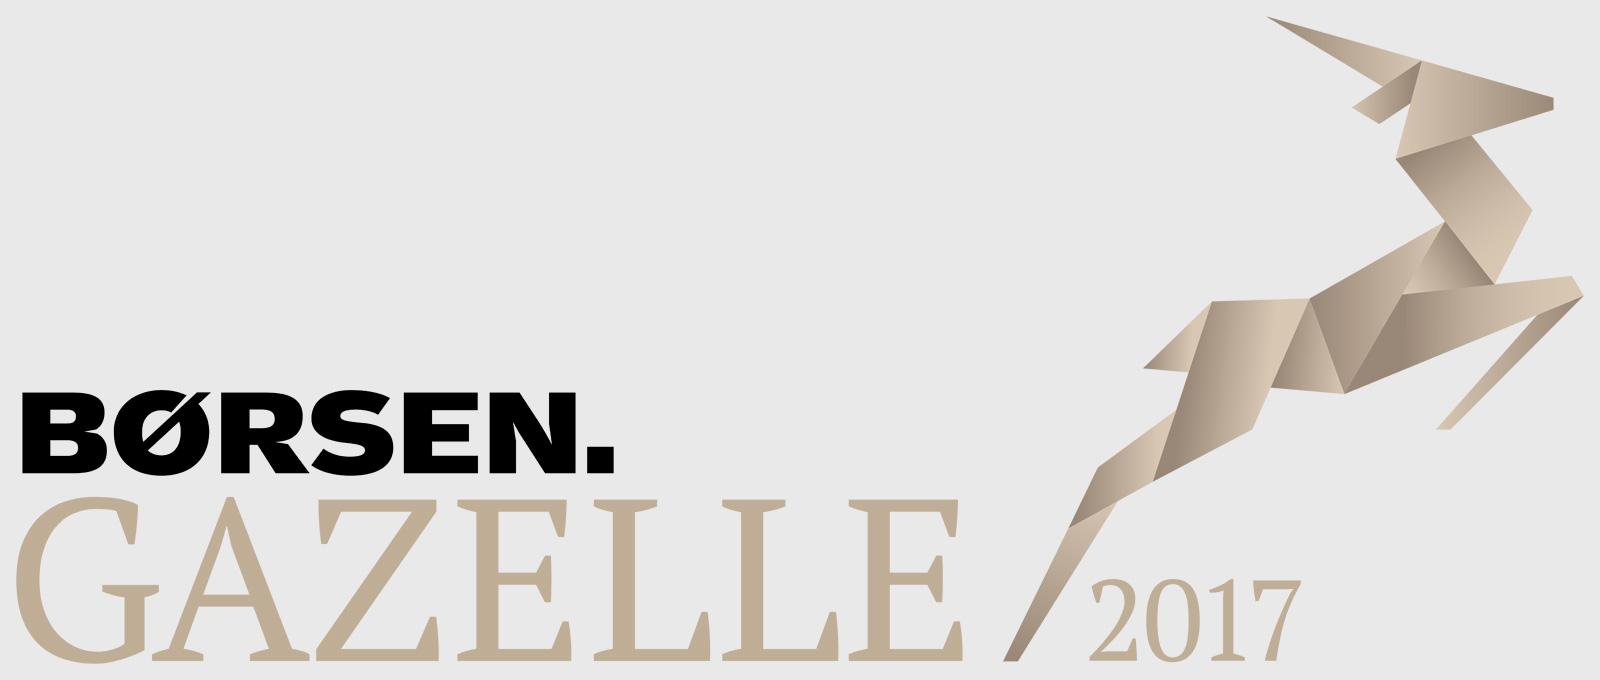 Børsen Gazelle Virksomhed 2017